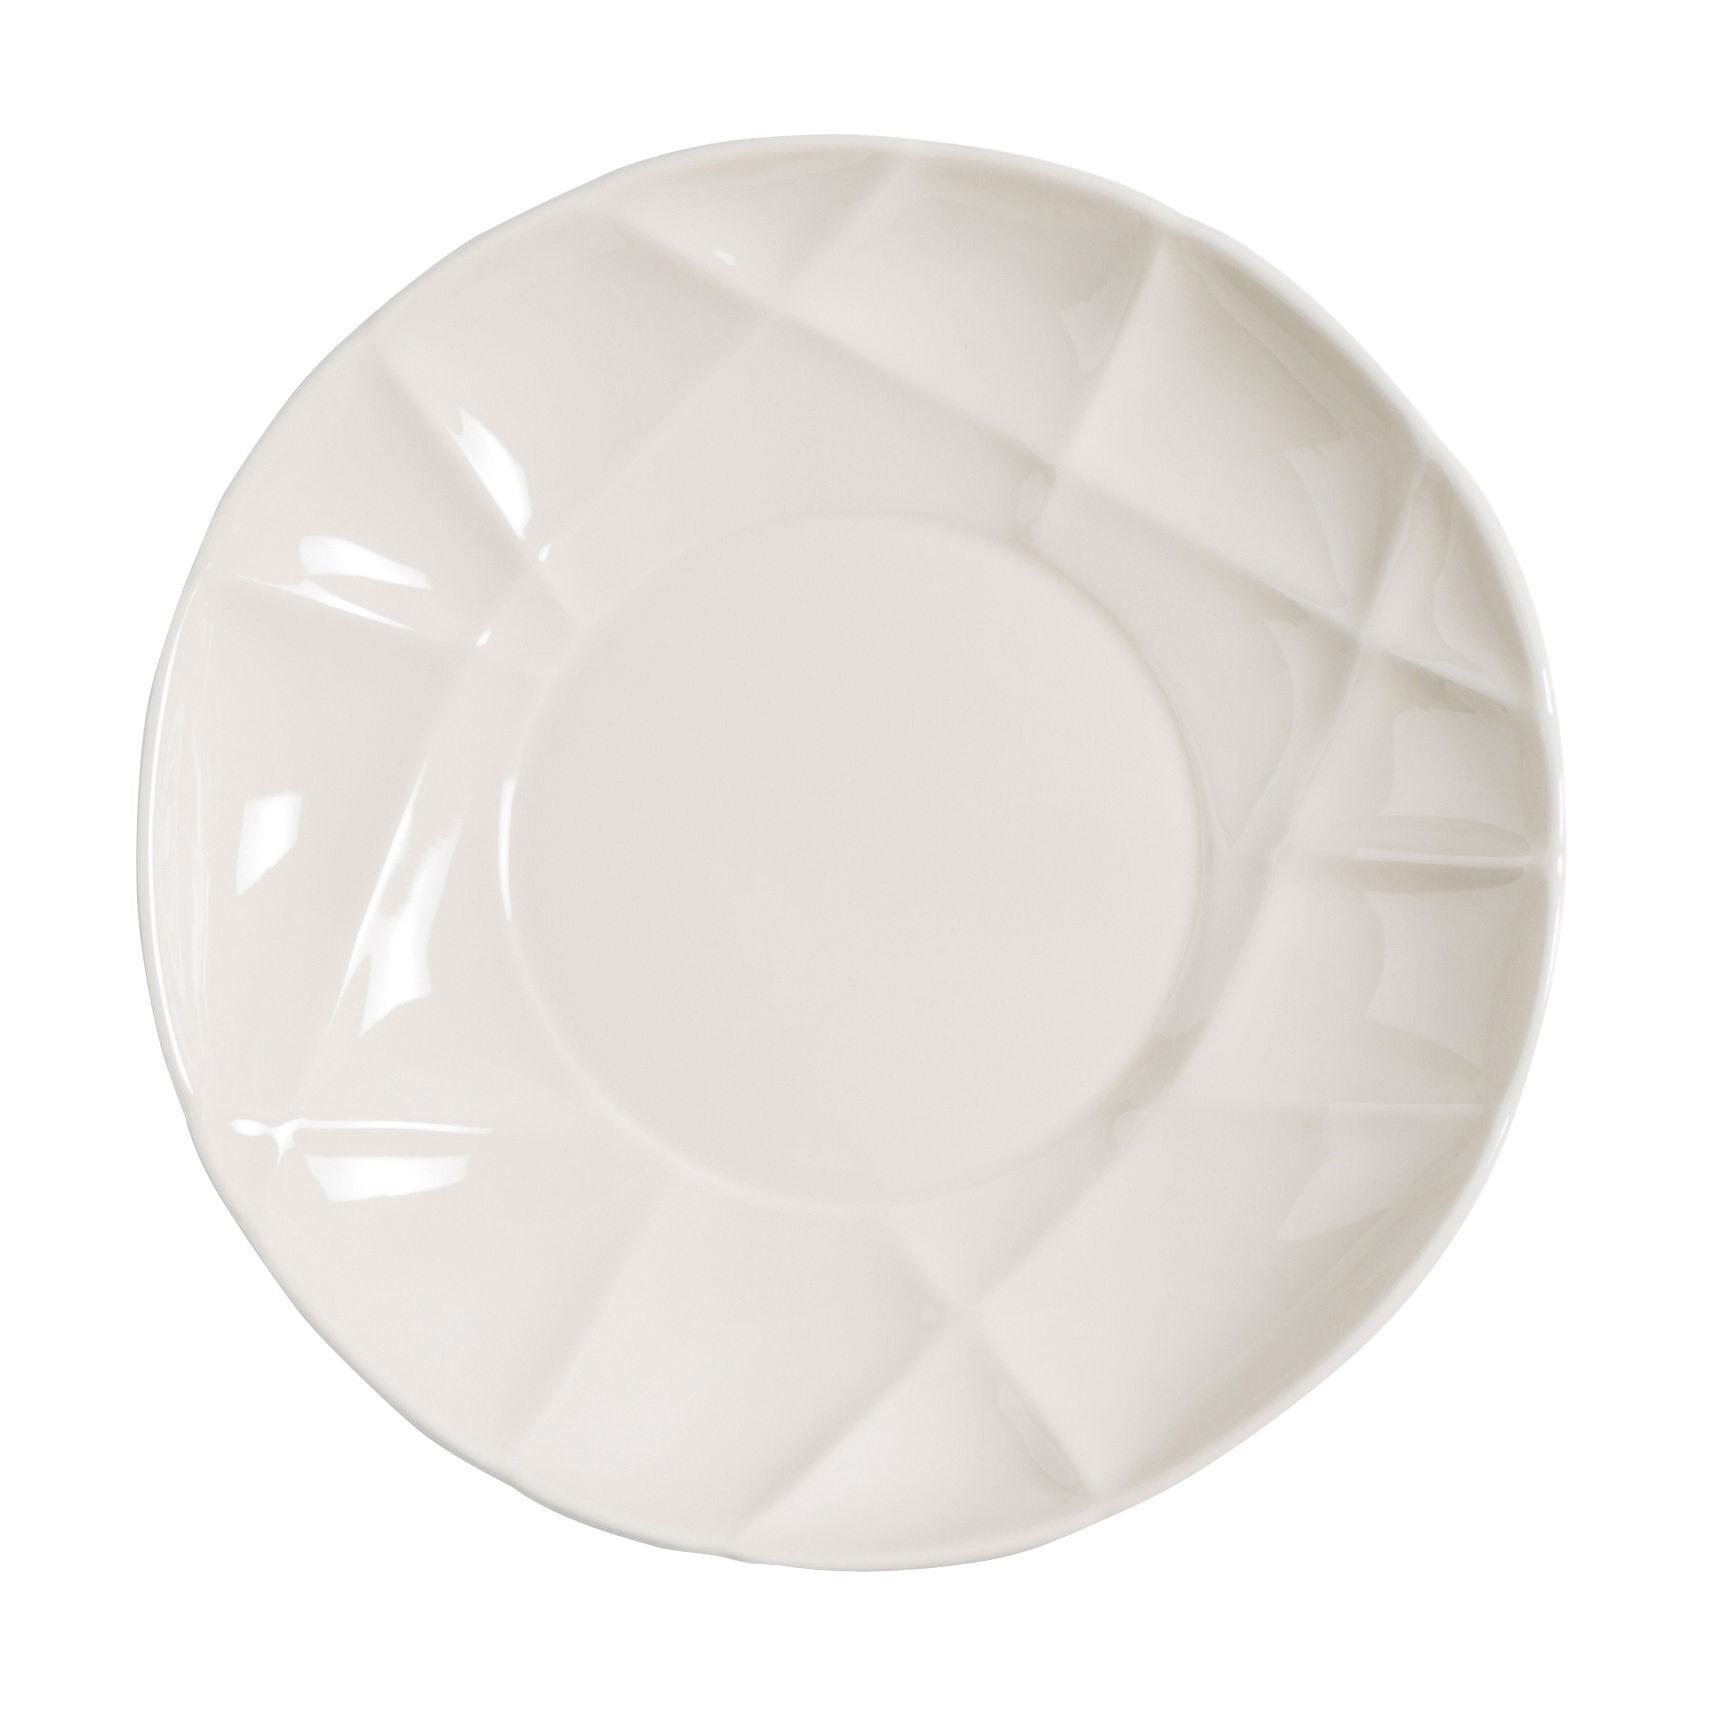 Arts de la table - Assiettes - Assiette creuse Succession / Ø 23 cm - Porcelaine - Fait main - Petite Friture - Blanc - Porcelaine